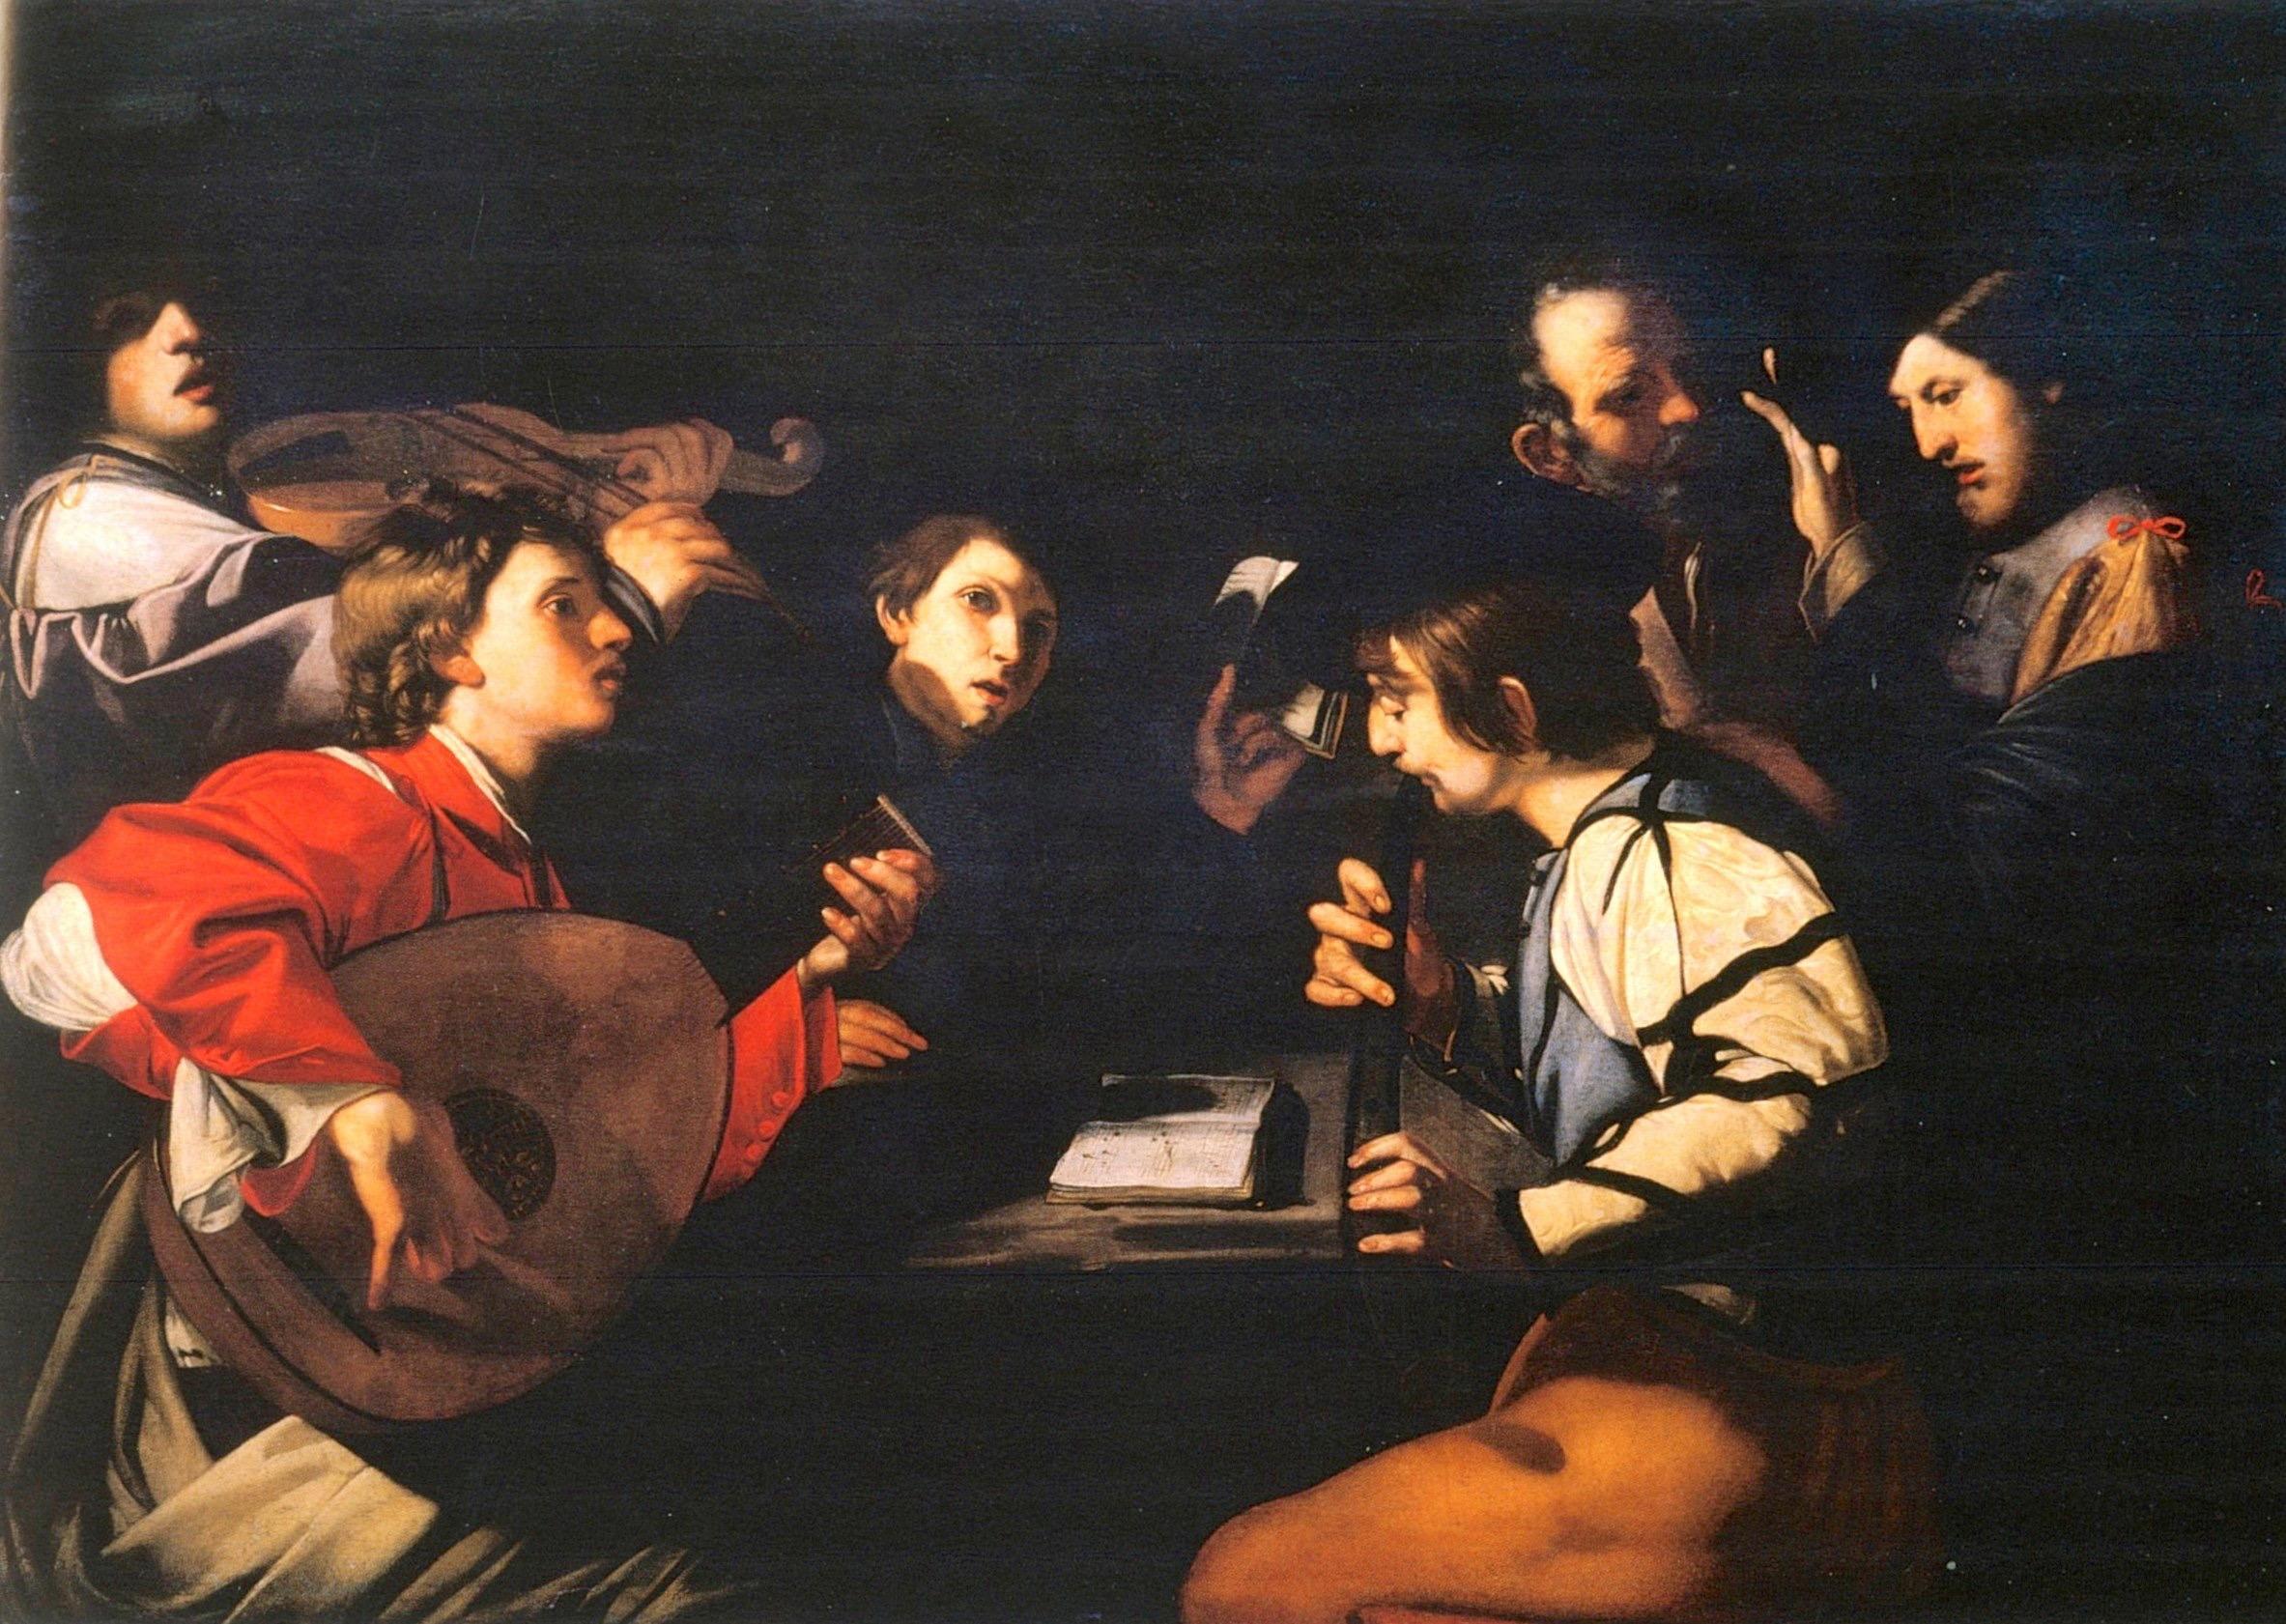 Bartolomeo Manfredi (1582 prov. di Cremona - 1622 Roma)